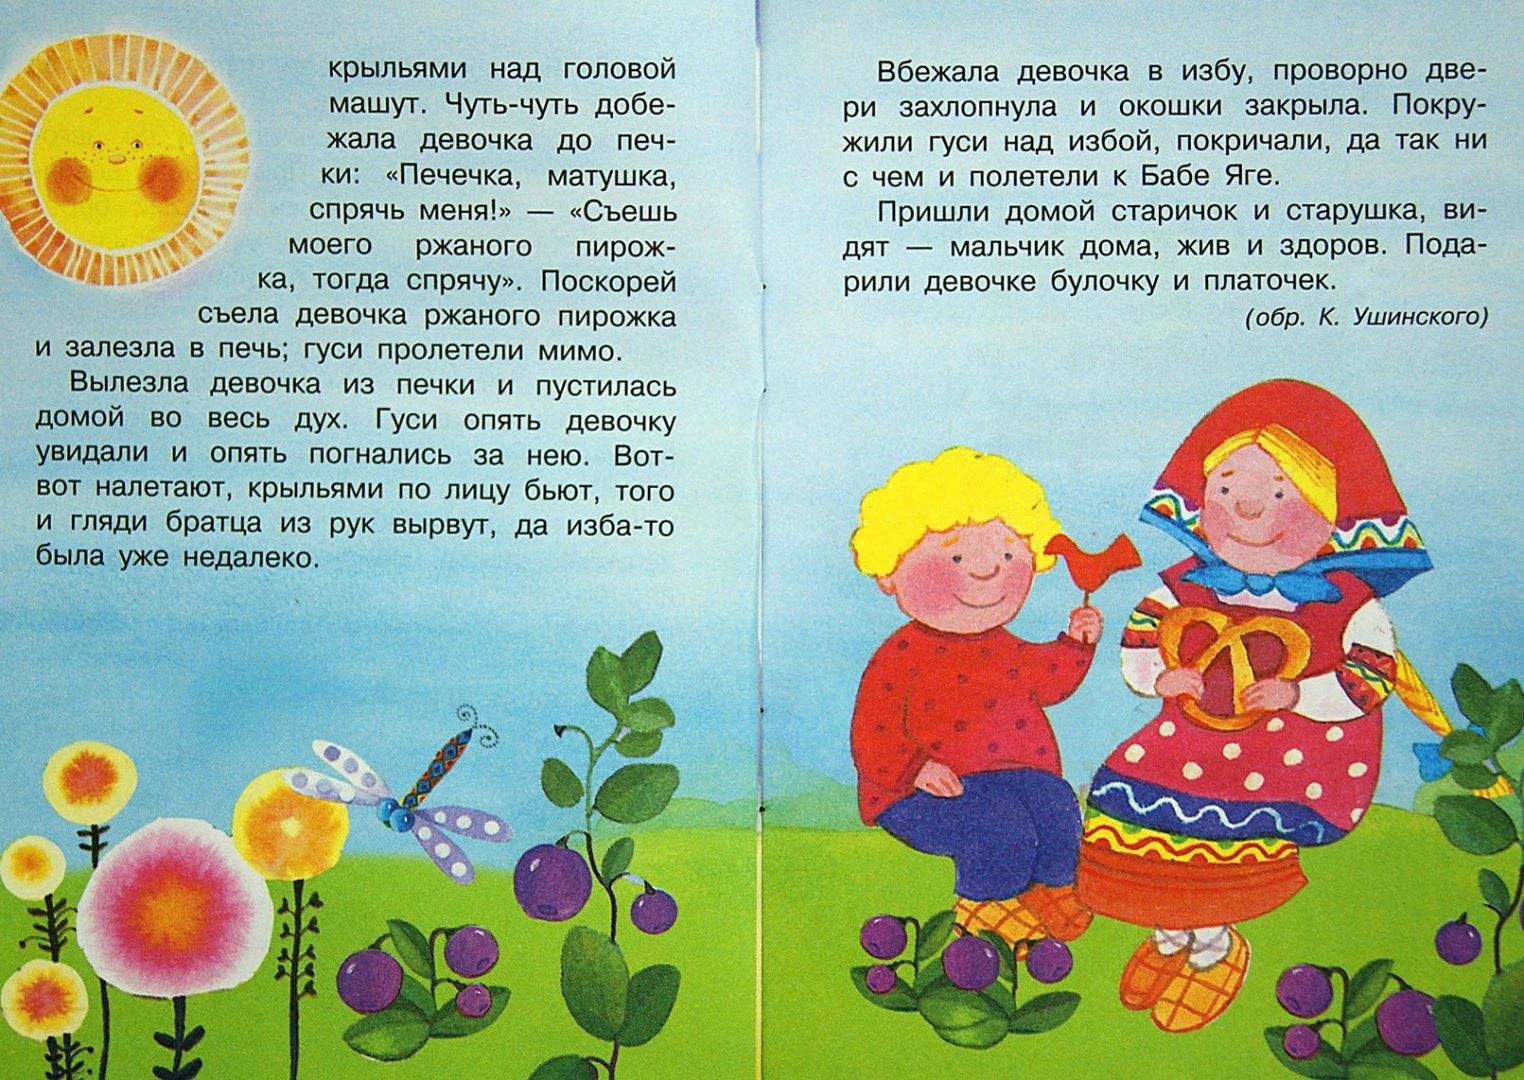 Иллюстрация 1 из 21 для Русские народные сказки | Лабиринт - книги. Источник: Лабиринт